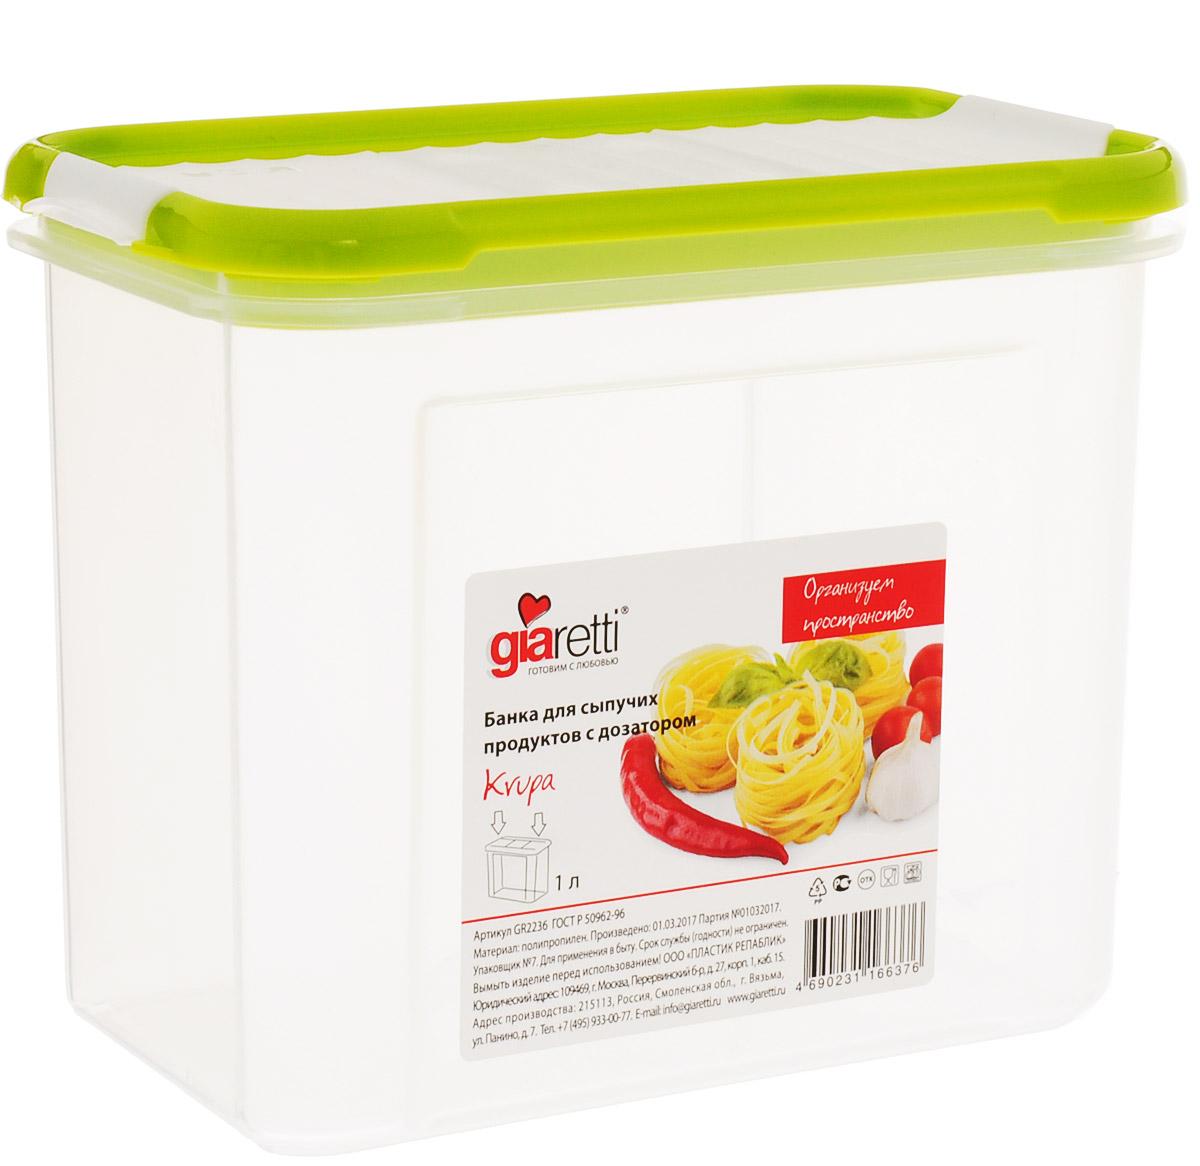 """Банка для сыпучих продуктов Giaretti """"Krupa"""" предназначена для хранения круп, сахара, макаронных изделий, сладостей и тому подобного, в том числе для  продуктов с ярким ароматом (специи и прочего). Строгая прямоугольная форма банки поможет вам организовать пространство максимально комфортно, не теряя полезную площадь. При этом банки """"Giaretti"""" устанавливаются одна на другую, что способствует экономии пространства в вашем шкафу. Плотная крышка не пропускает запахи, и они не смешиваются. Благодаря разнообразным отверстиям в дозаторе, вам будет удобно насыпать как мелкие, так и крупные сыпучие  продукты, что сделает процесс приготовления пищи проще.Размеры контейнера: 17 х 8,5 х 13 см."""